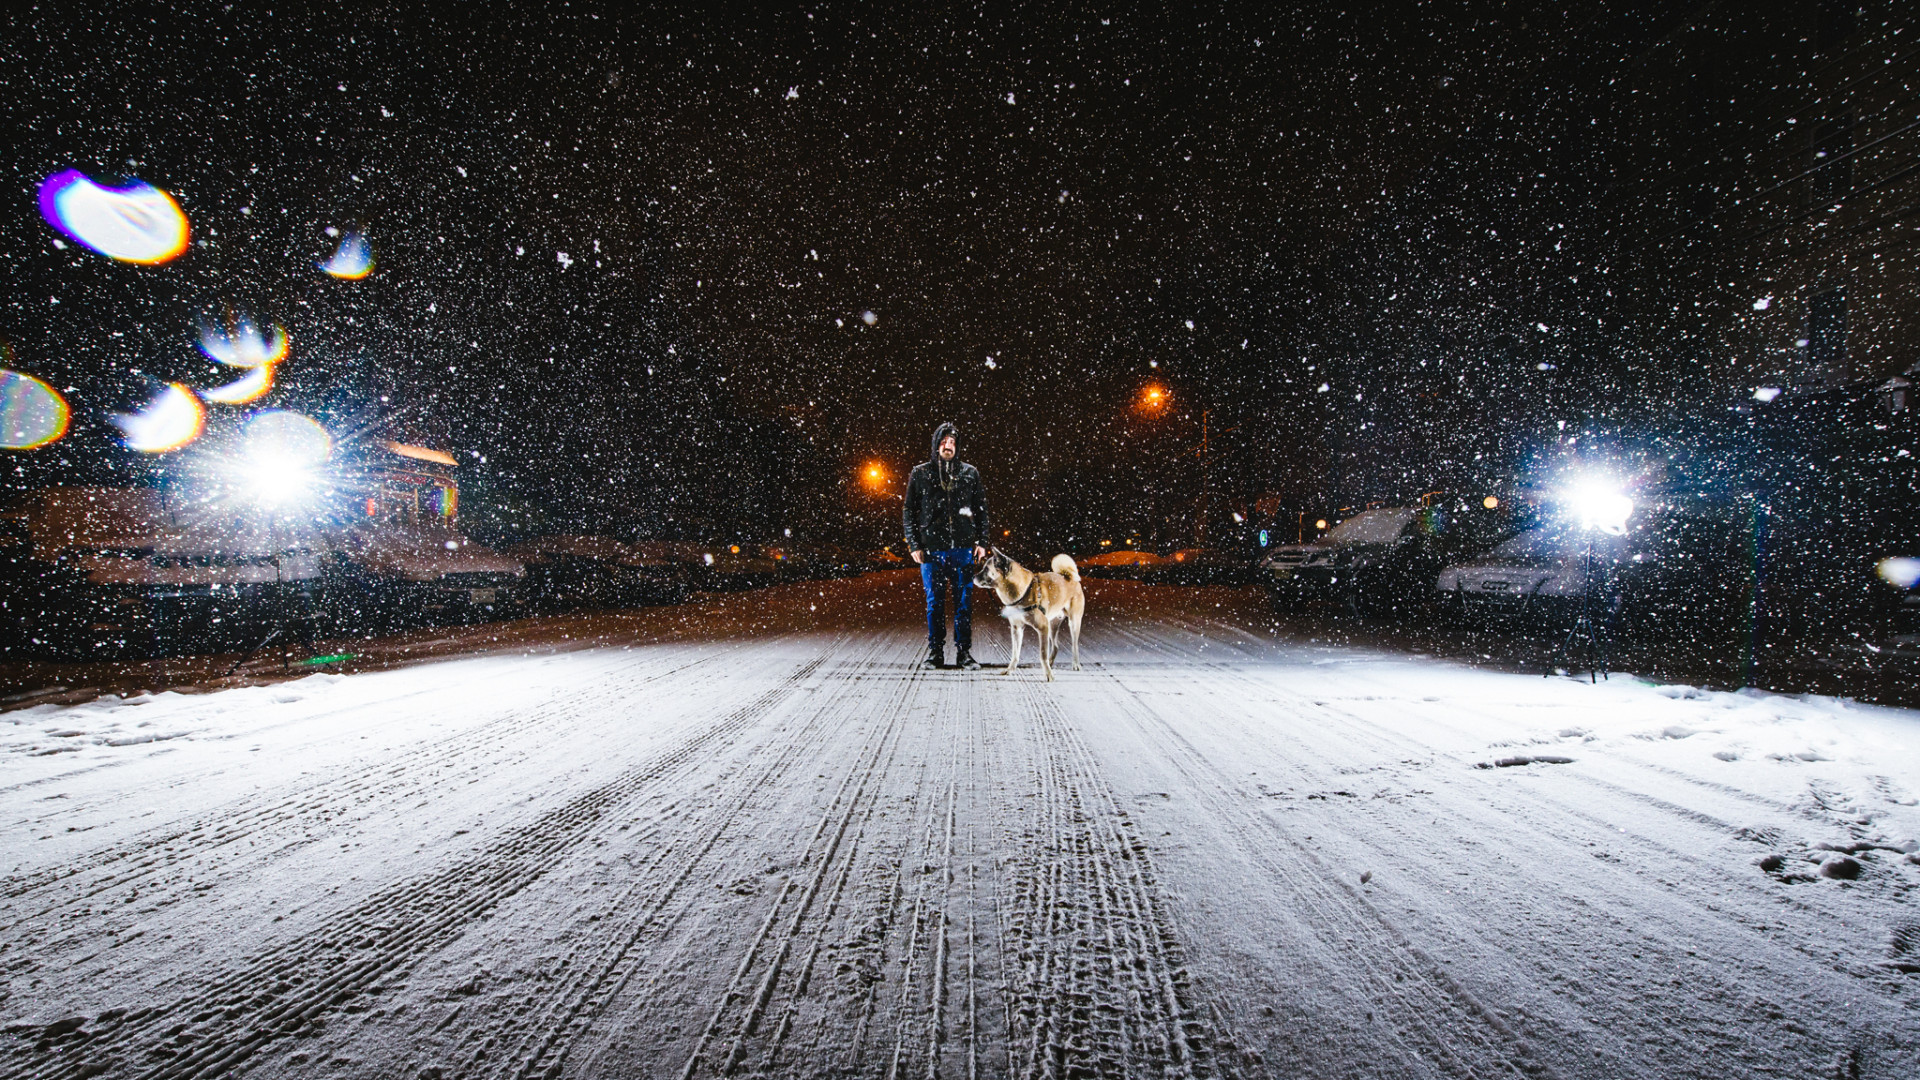 Snowstorm_GARFINKEL-7